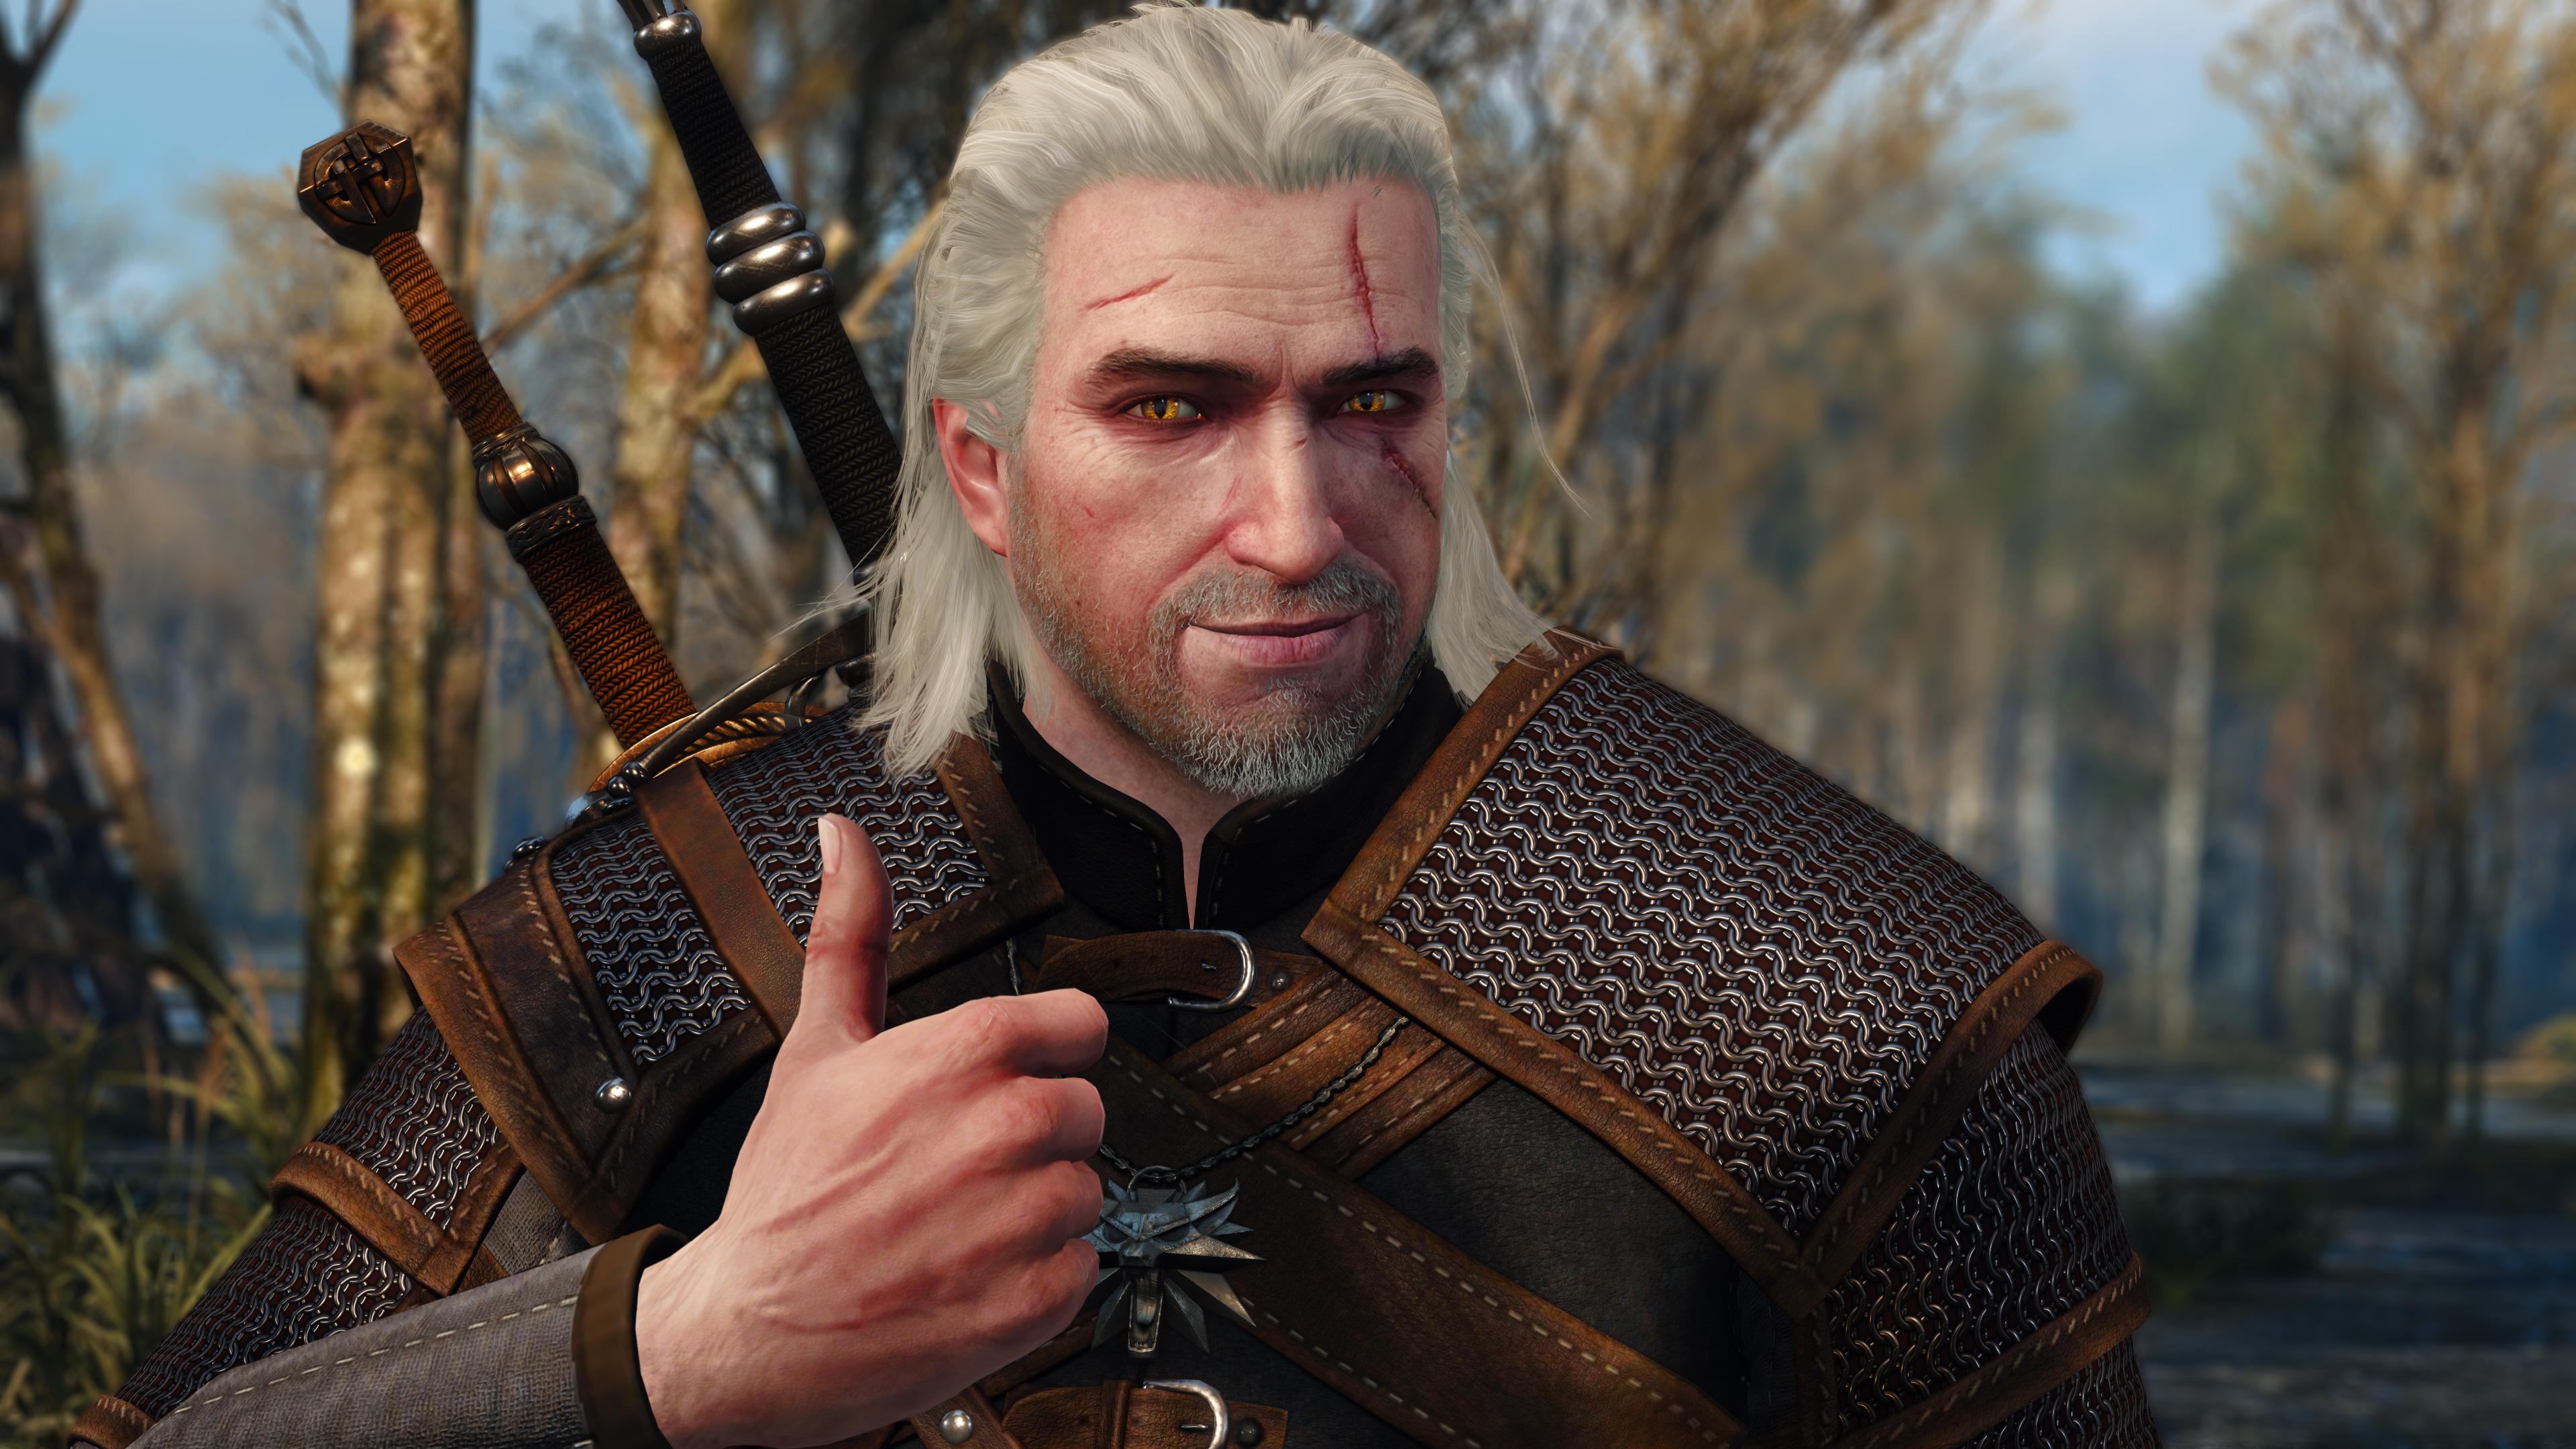 Znalezione obrazy dla zapytania witcher thumbs up